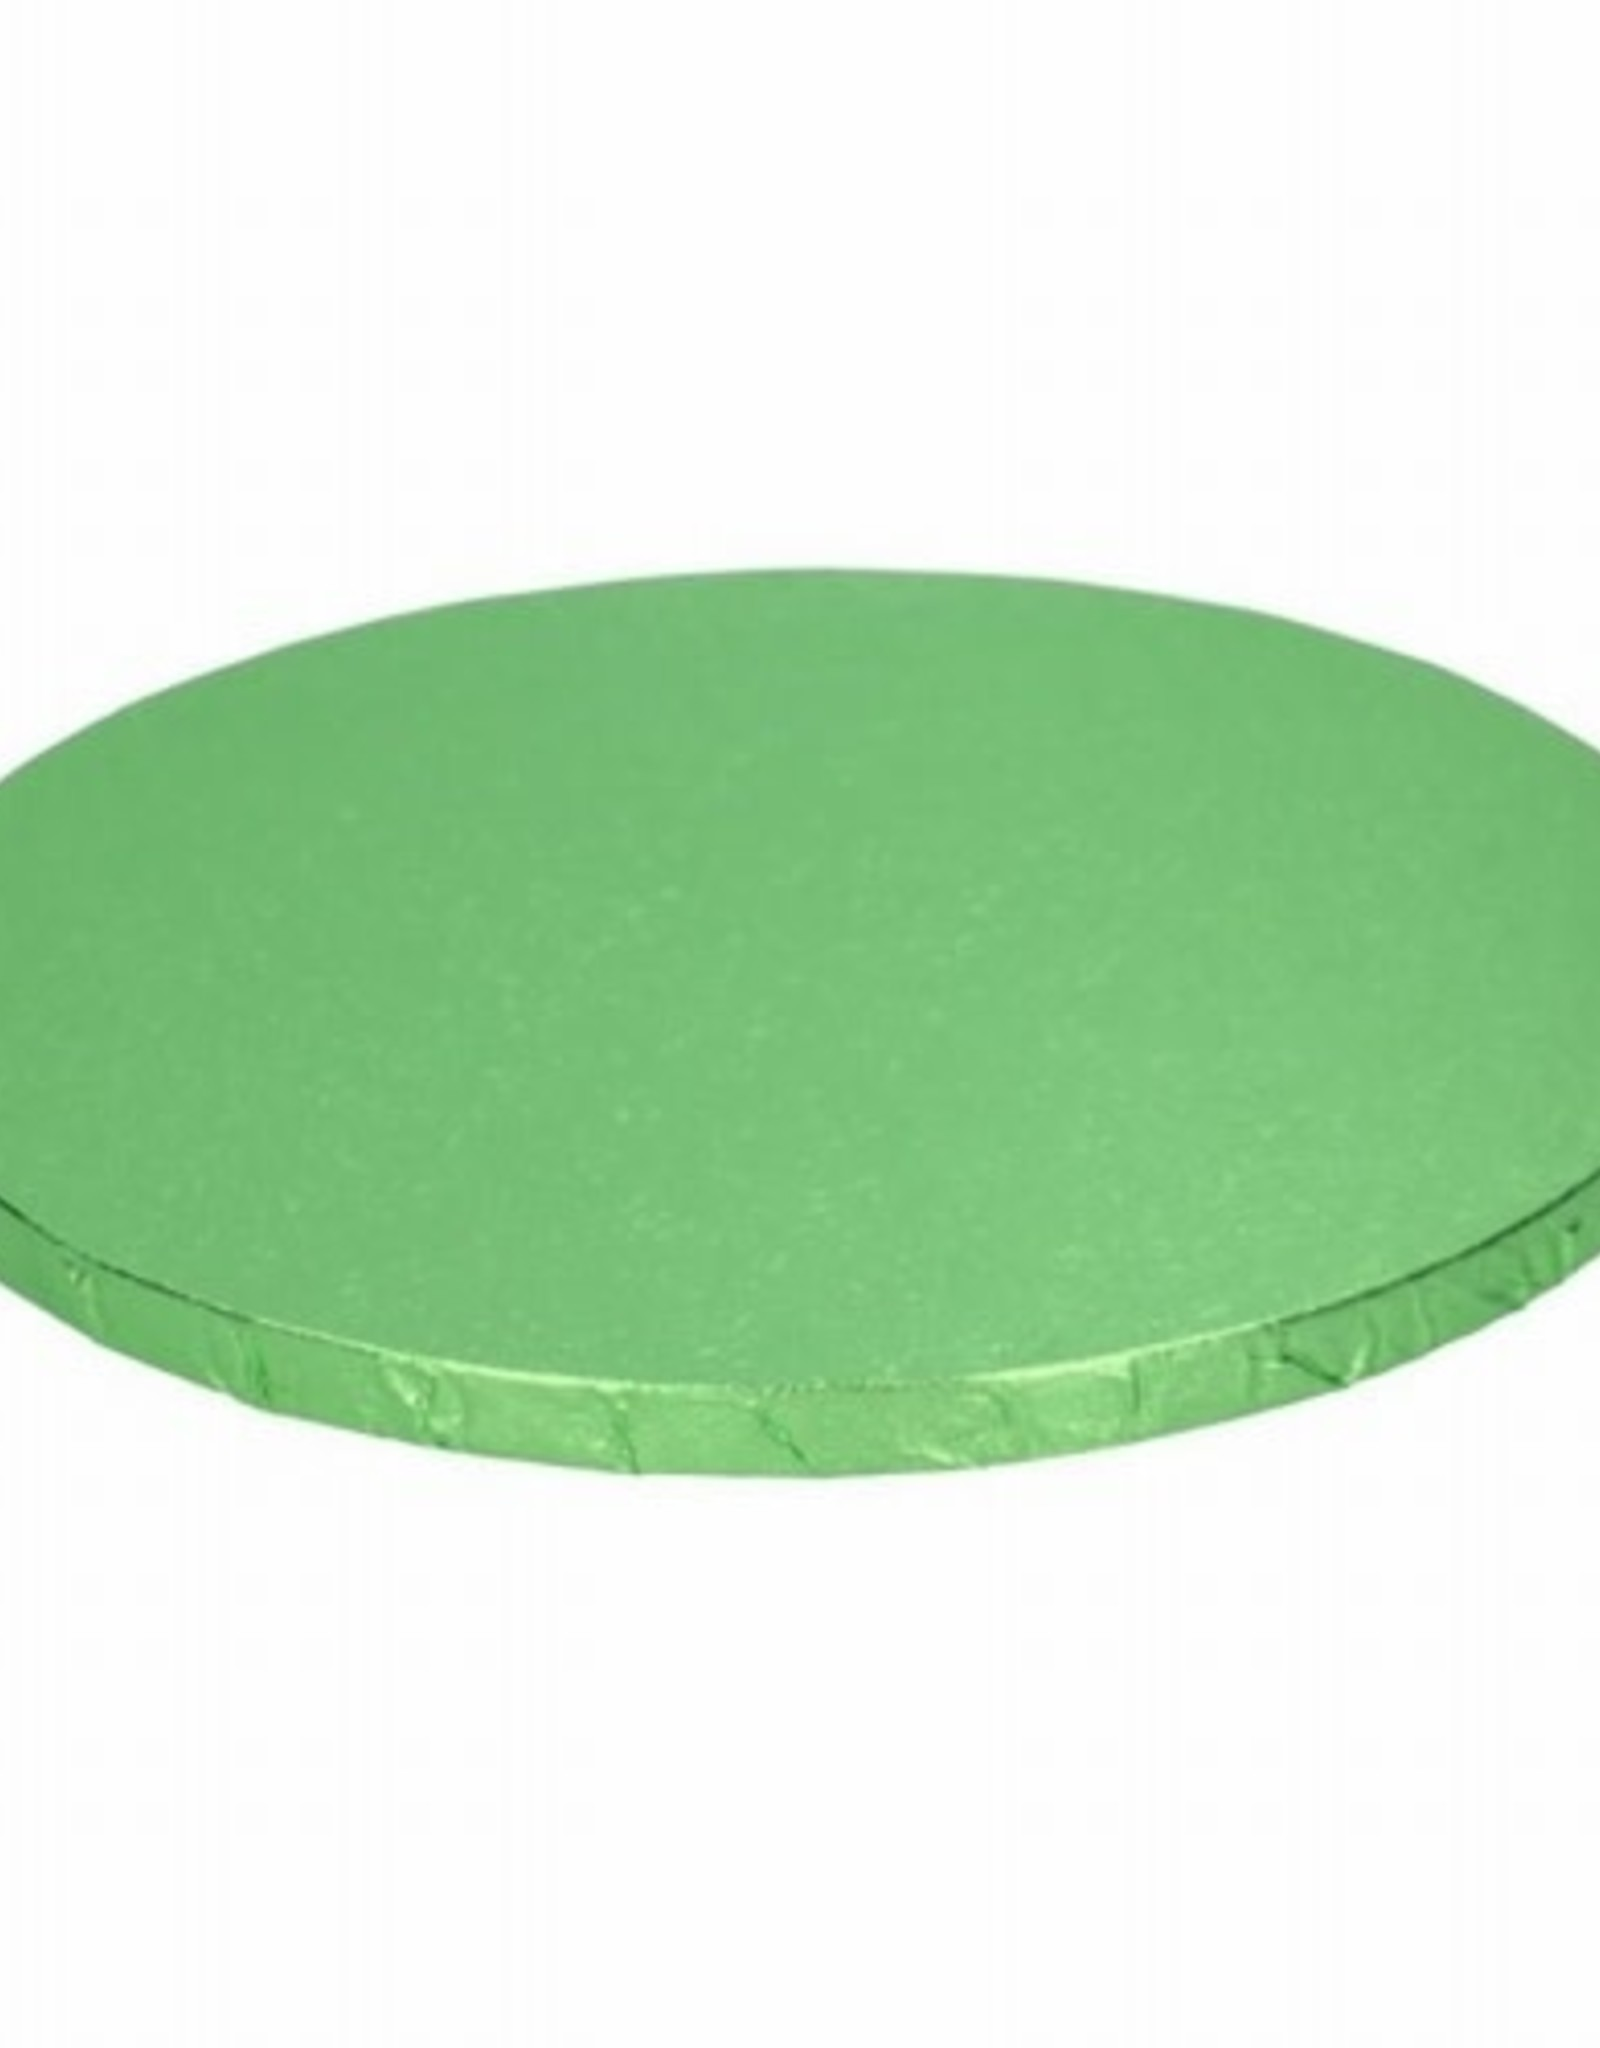 Cake Drum Rond Ø25cm Licht Groen